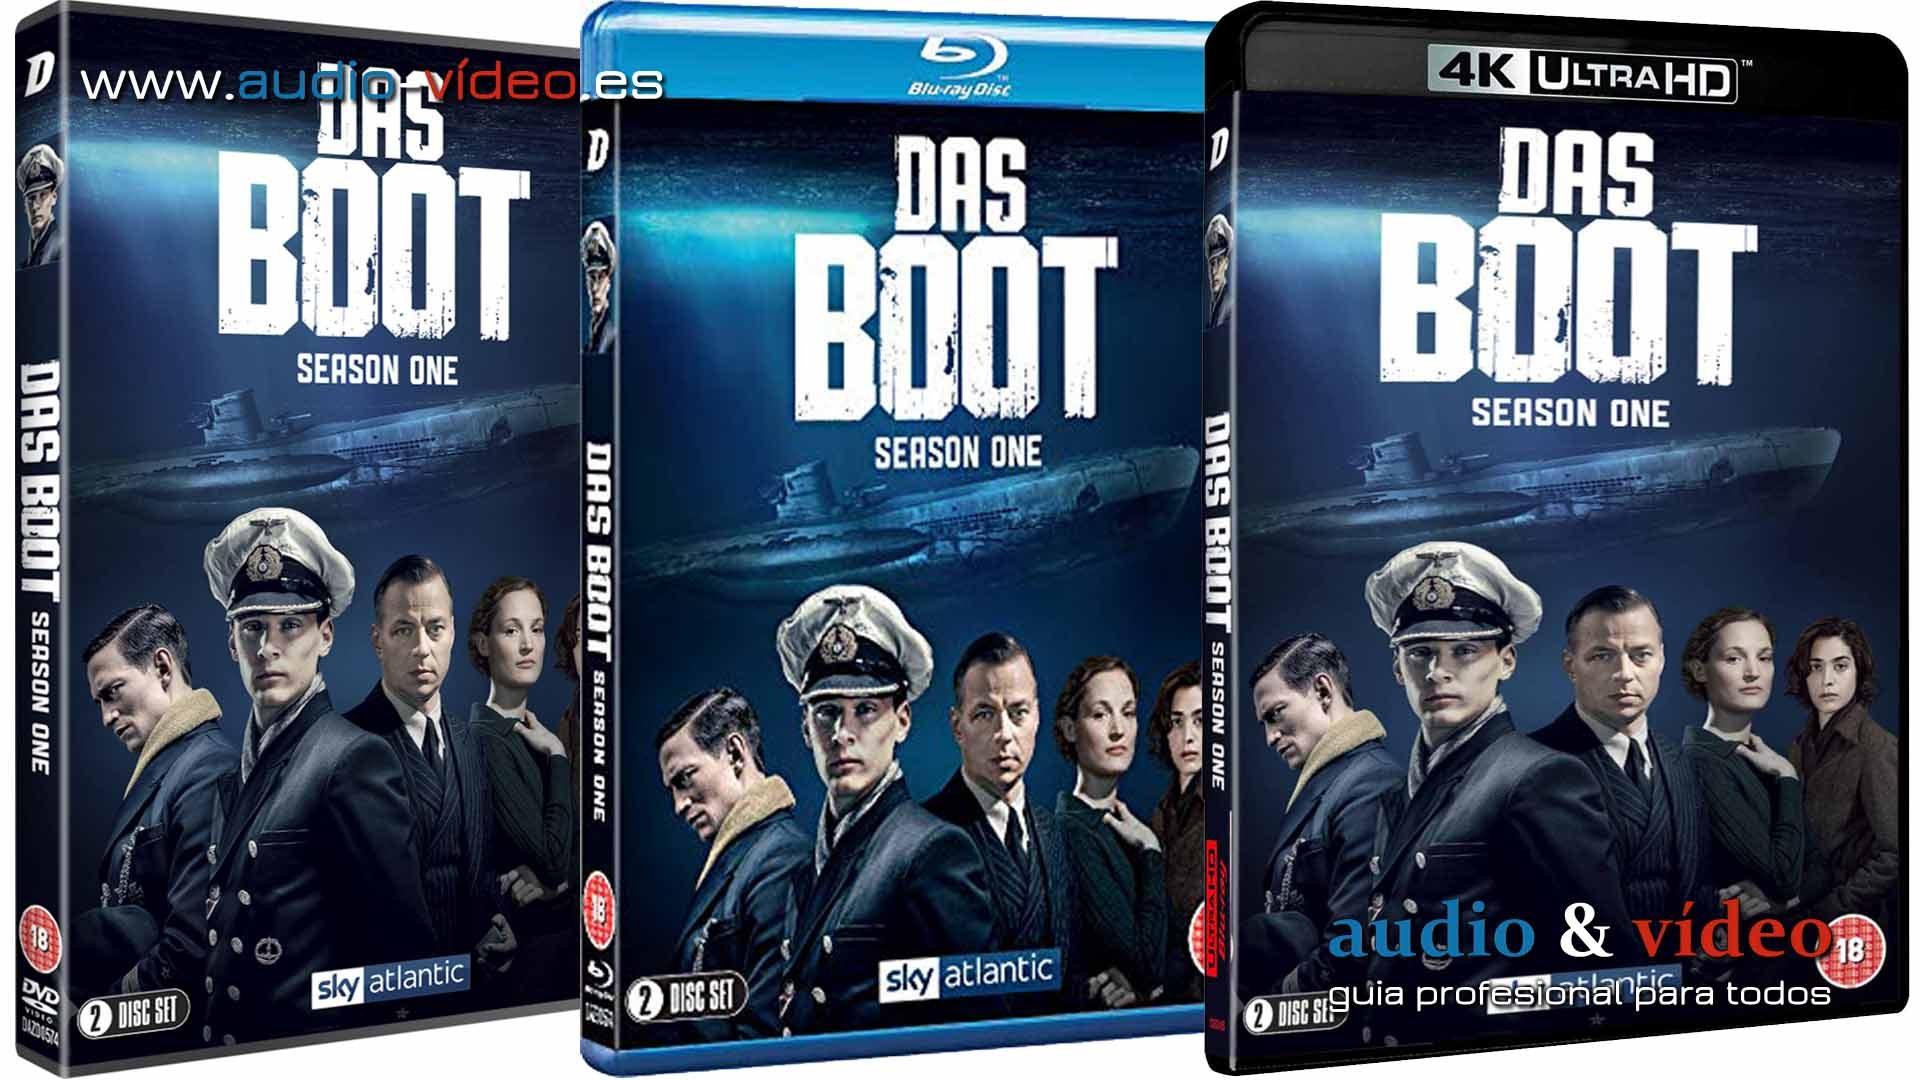 Das Boot – 4K UHD, BluRay y DVD – será la primera serie de televisión rodada y propuesta en 8K